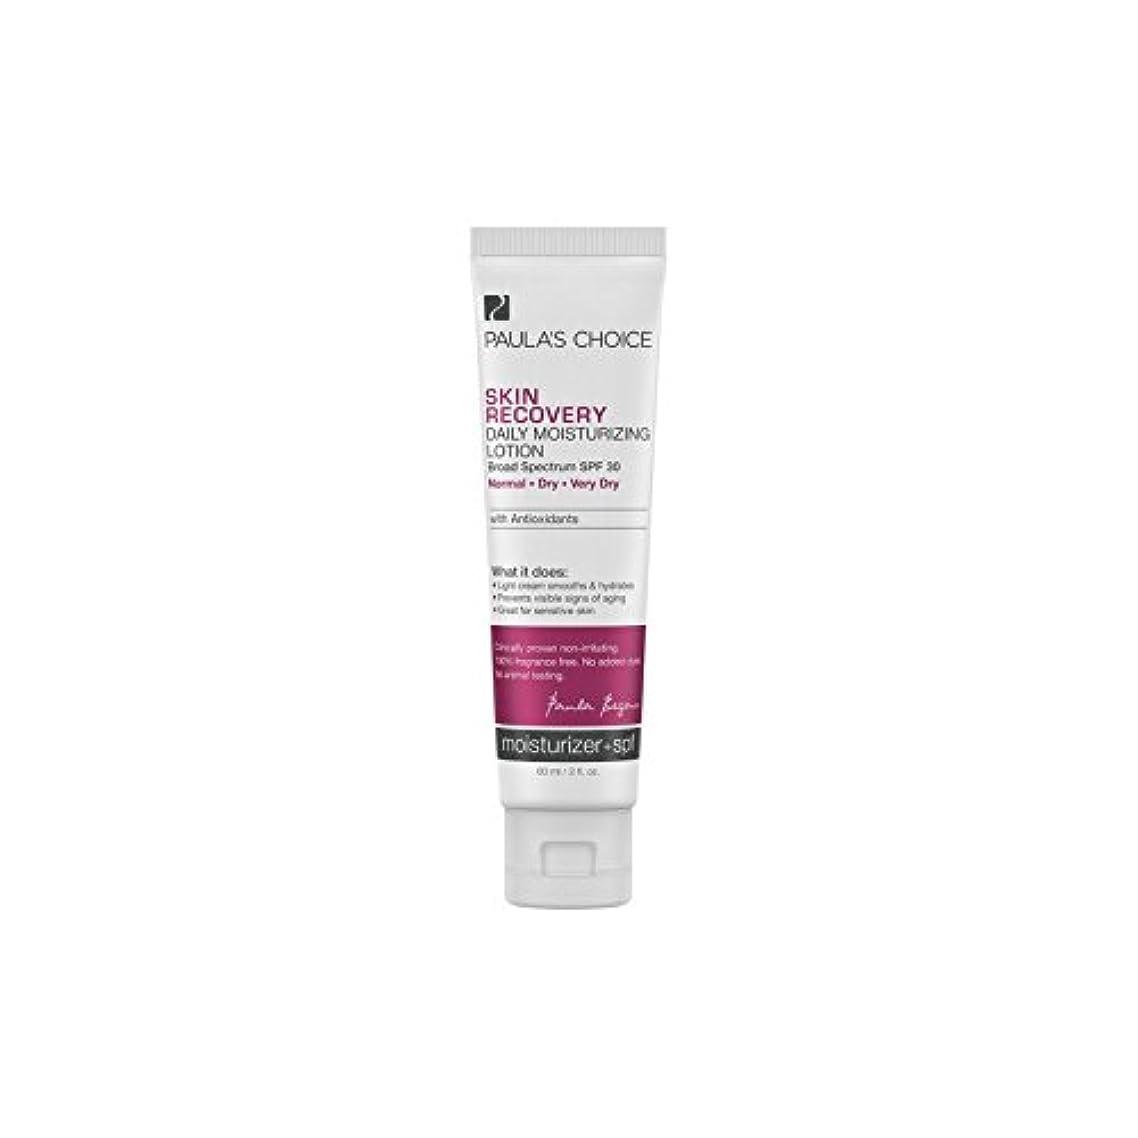 トランペットアジア人ワインPaula's Choice Skin Recovery Daily Moisturizing Lotion Spf30 (60ml) - ポーラチョイスの肌の回復毎日の保湿ローション30(60ミリリットル) [並行輸入品]